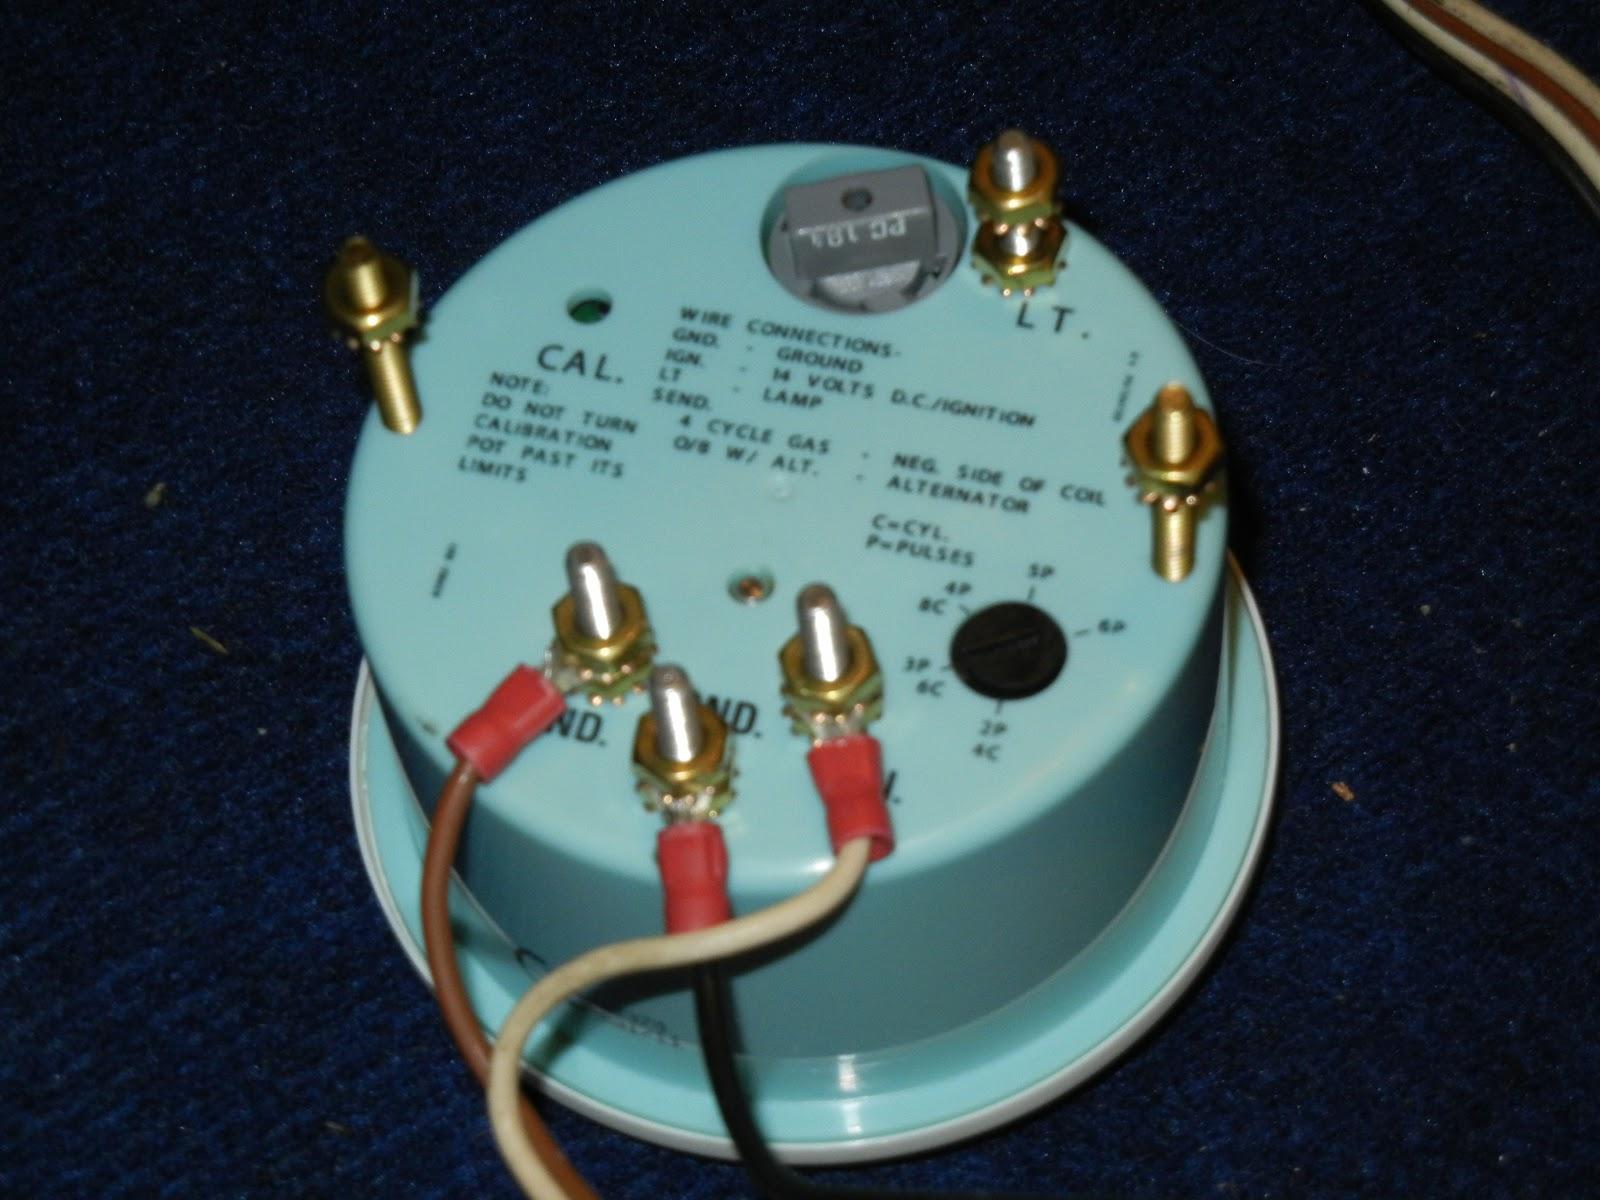 Wiring Diagram Teleflex Gauges Installation Fuel Gauge Wiring Diagram